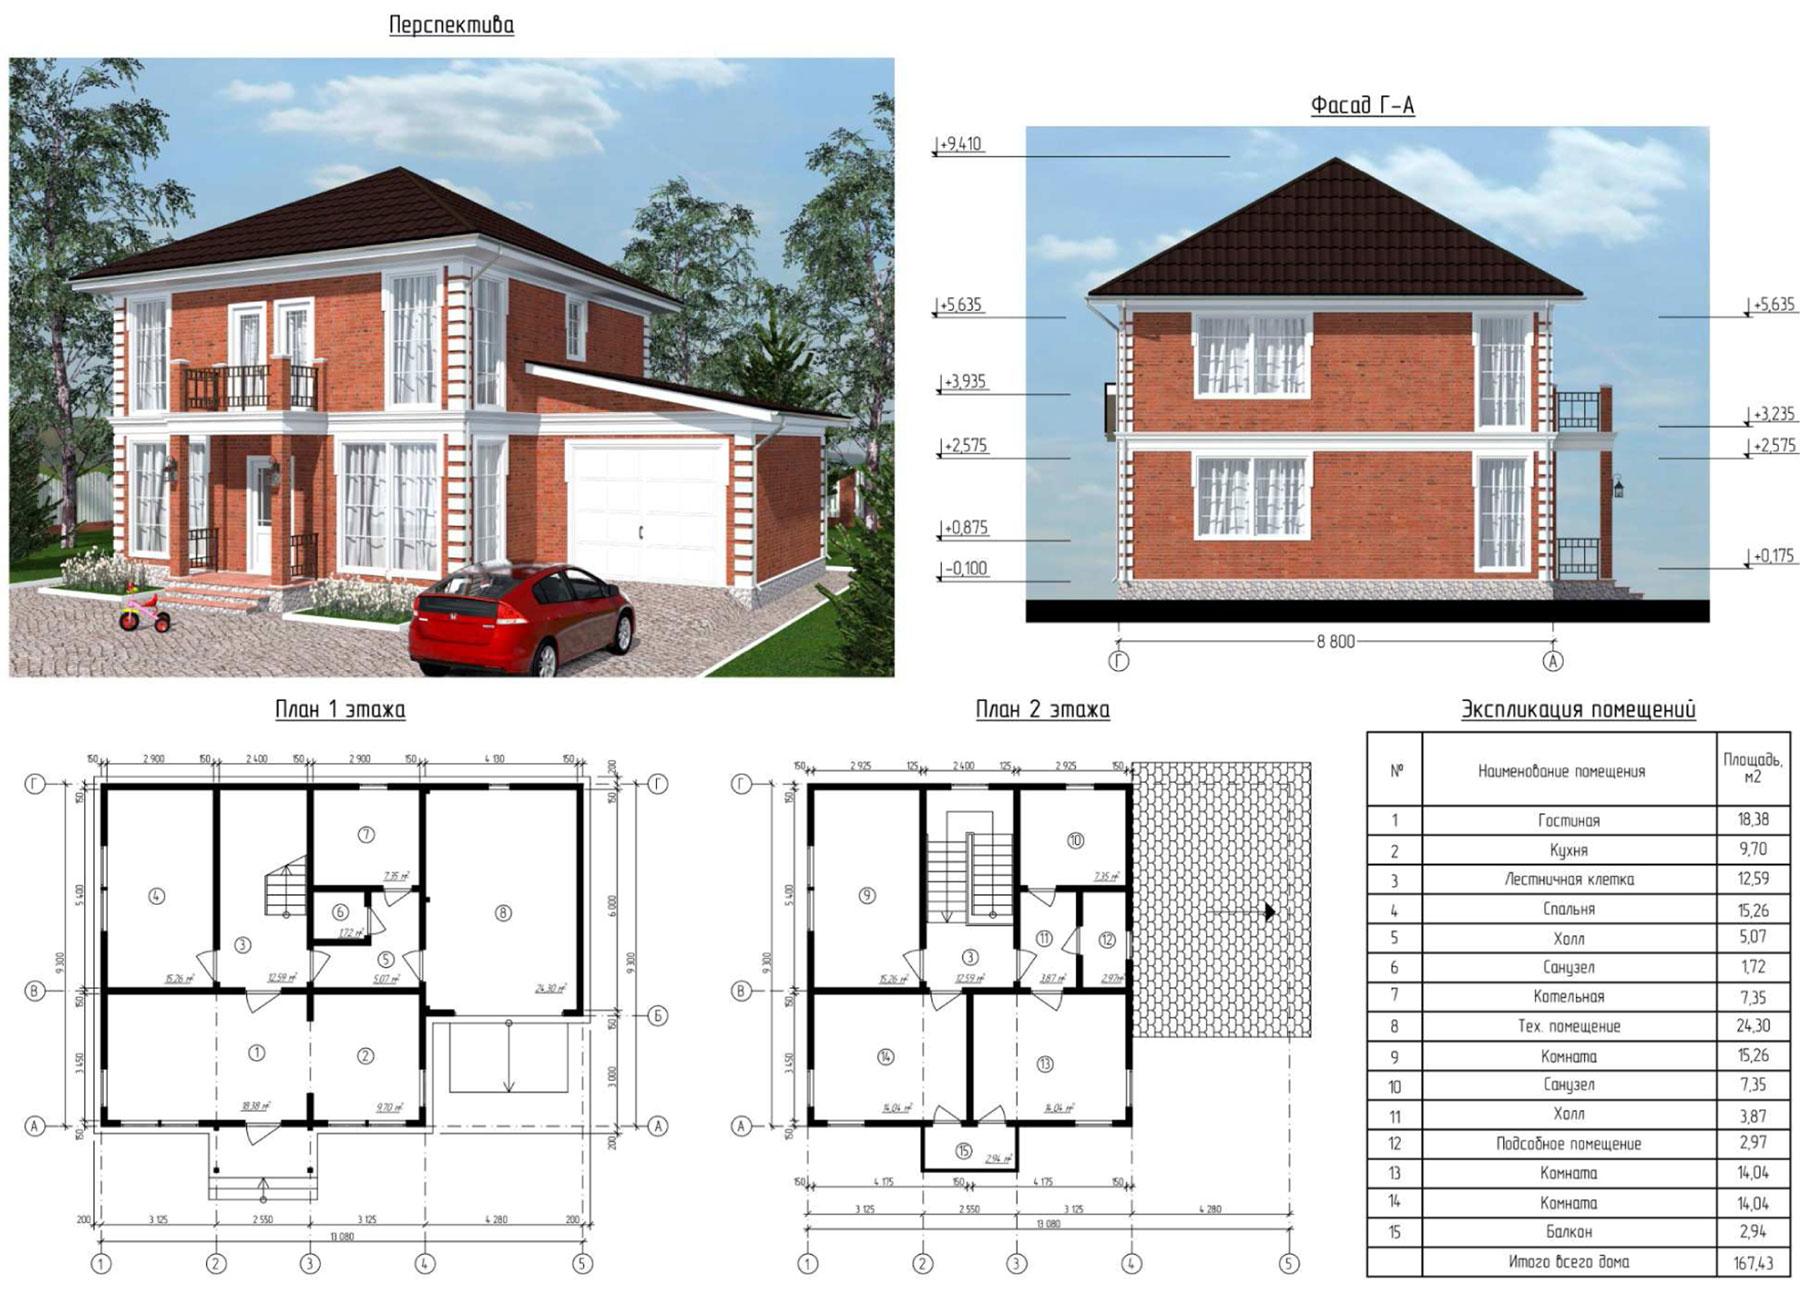 посторонние, непонятные чертежи двухэтажных домов фото рассматривать общую